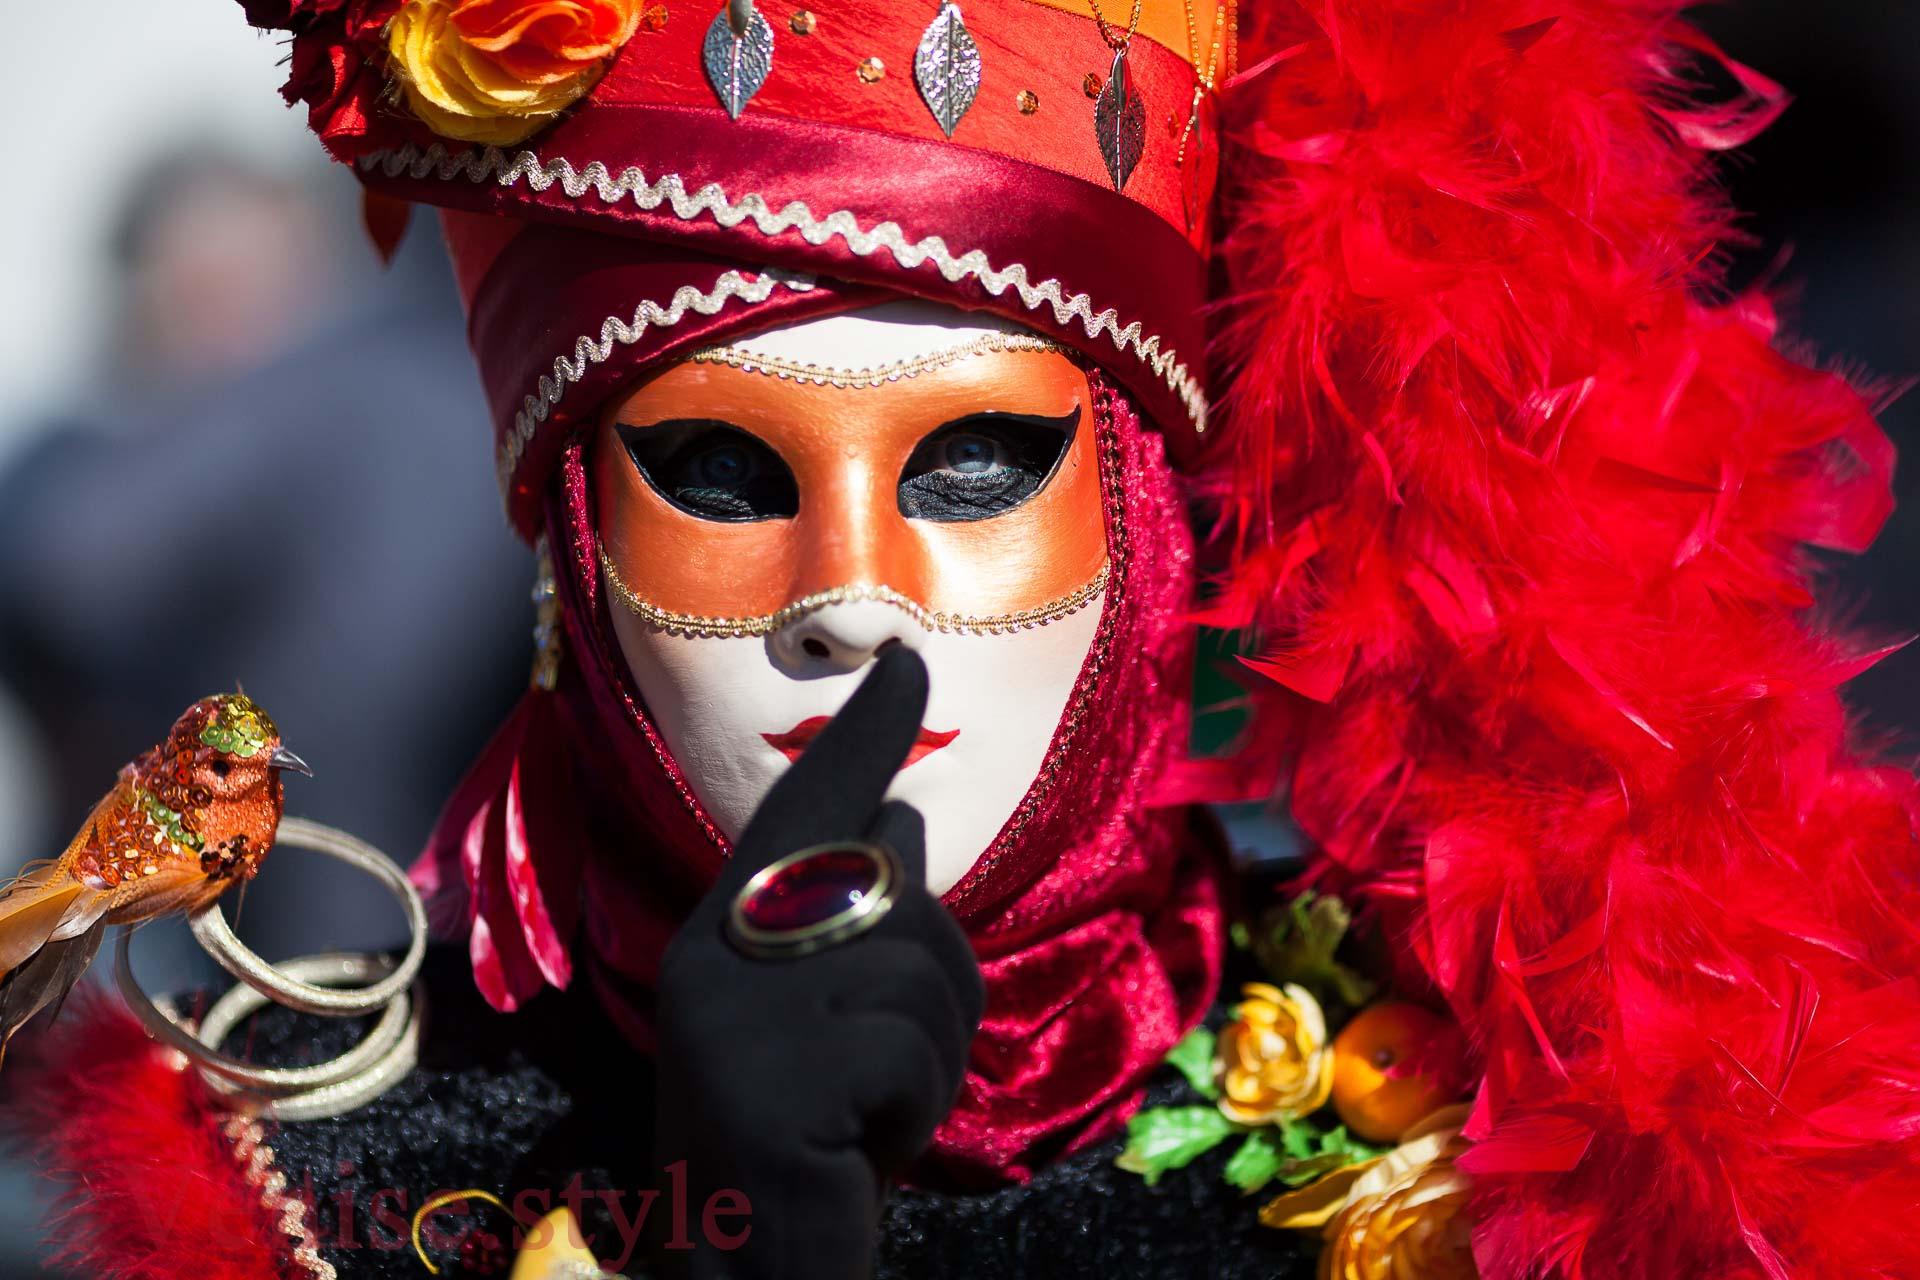 Carnaval de máscaras 2017disfraces Venecia y NOP8wk0nXZ